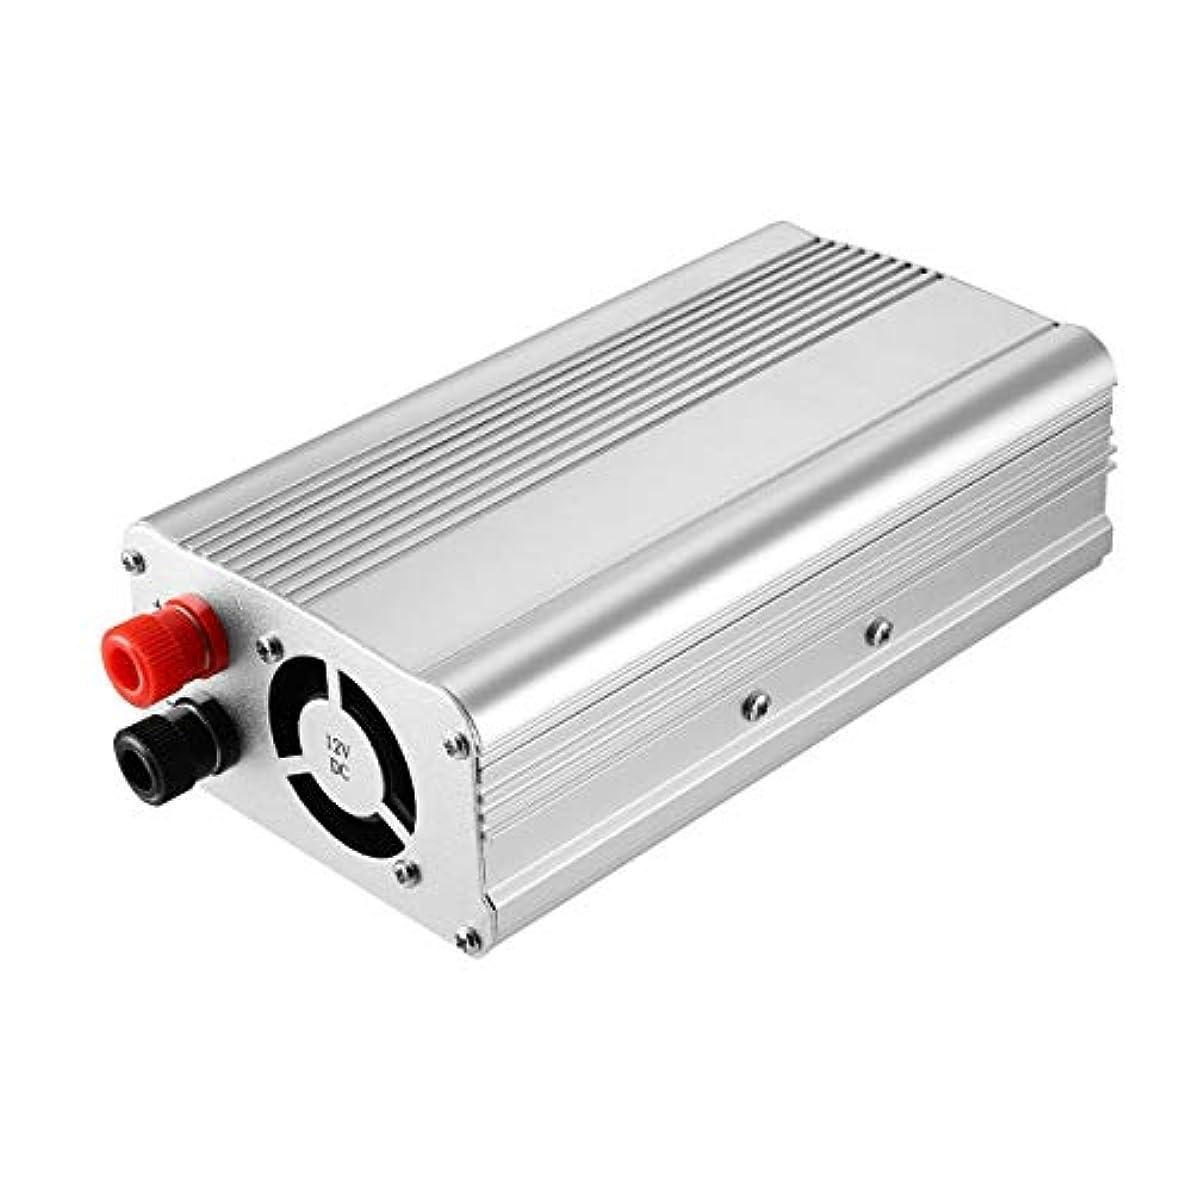 俳句貫通する崇拝するAC 220Vの自動車インバーター携帯用1500W車の電力変換器の専門の自動変圧器車の付属品へのDC 12V(色:銀)